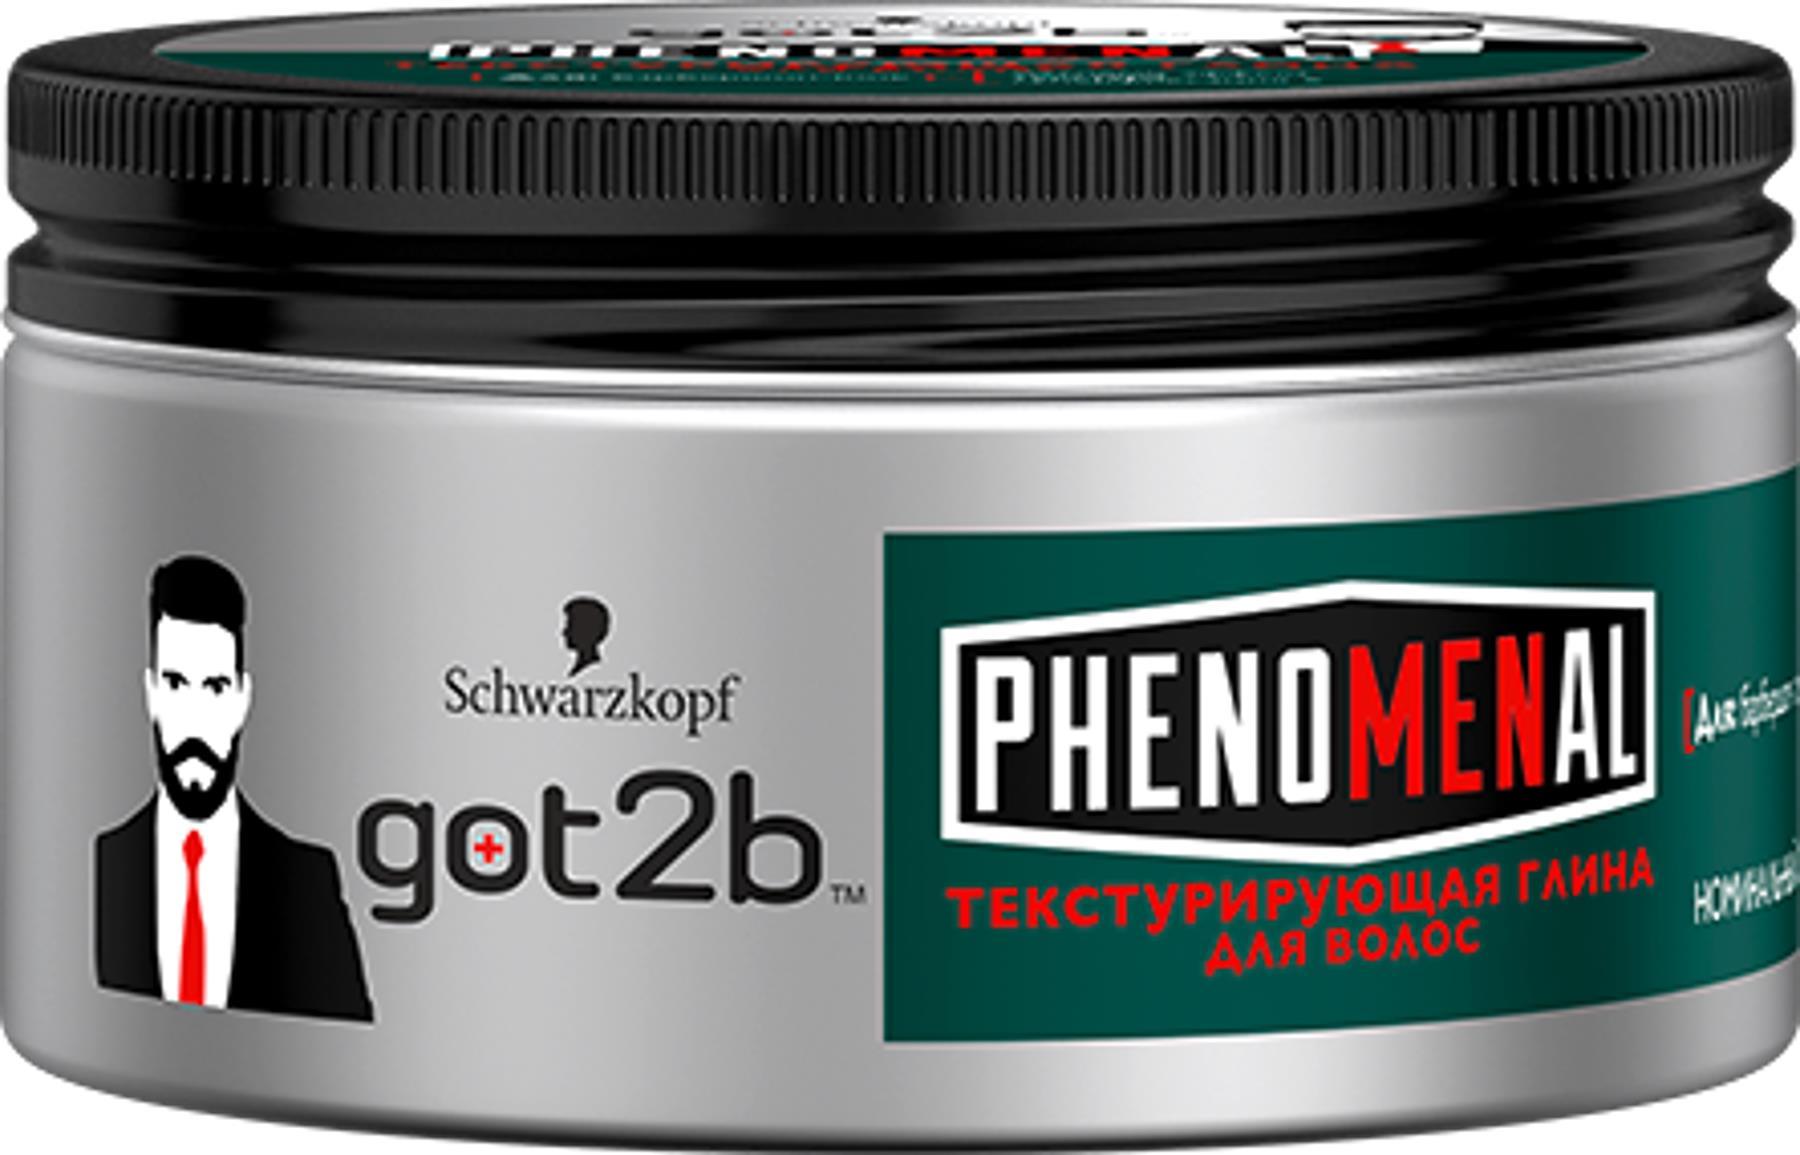 GOT2b Текстурирующая глина phenoMENal, 100 мл2258859GOT2b phenoMENal - примерь стиль современного джентельмена! Текстурирующая глина матирует, придает текстуру и выделяет пряди. Суперфиксация 5 обеспечивает стойкость стайлинга. Хорошо подходит для коротких волос. Сочетается с костюмом-двойкой и кедами.